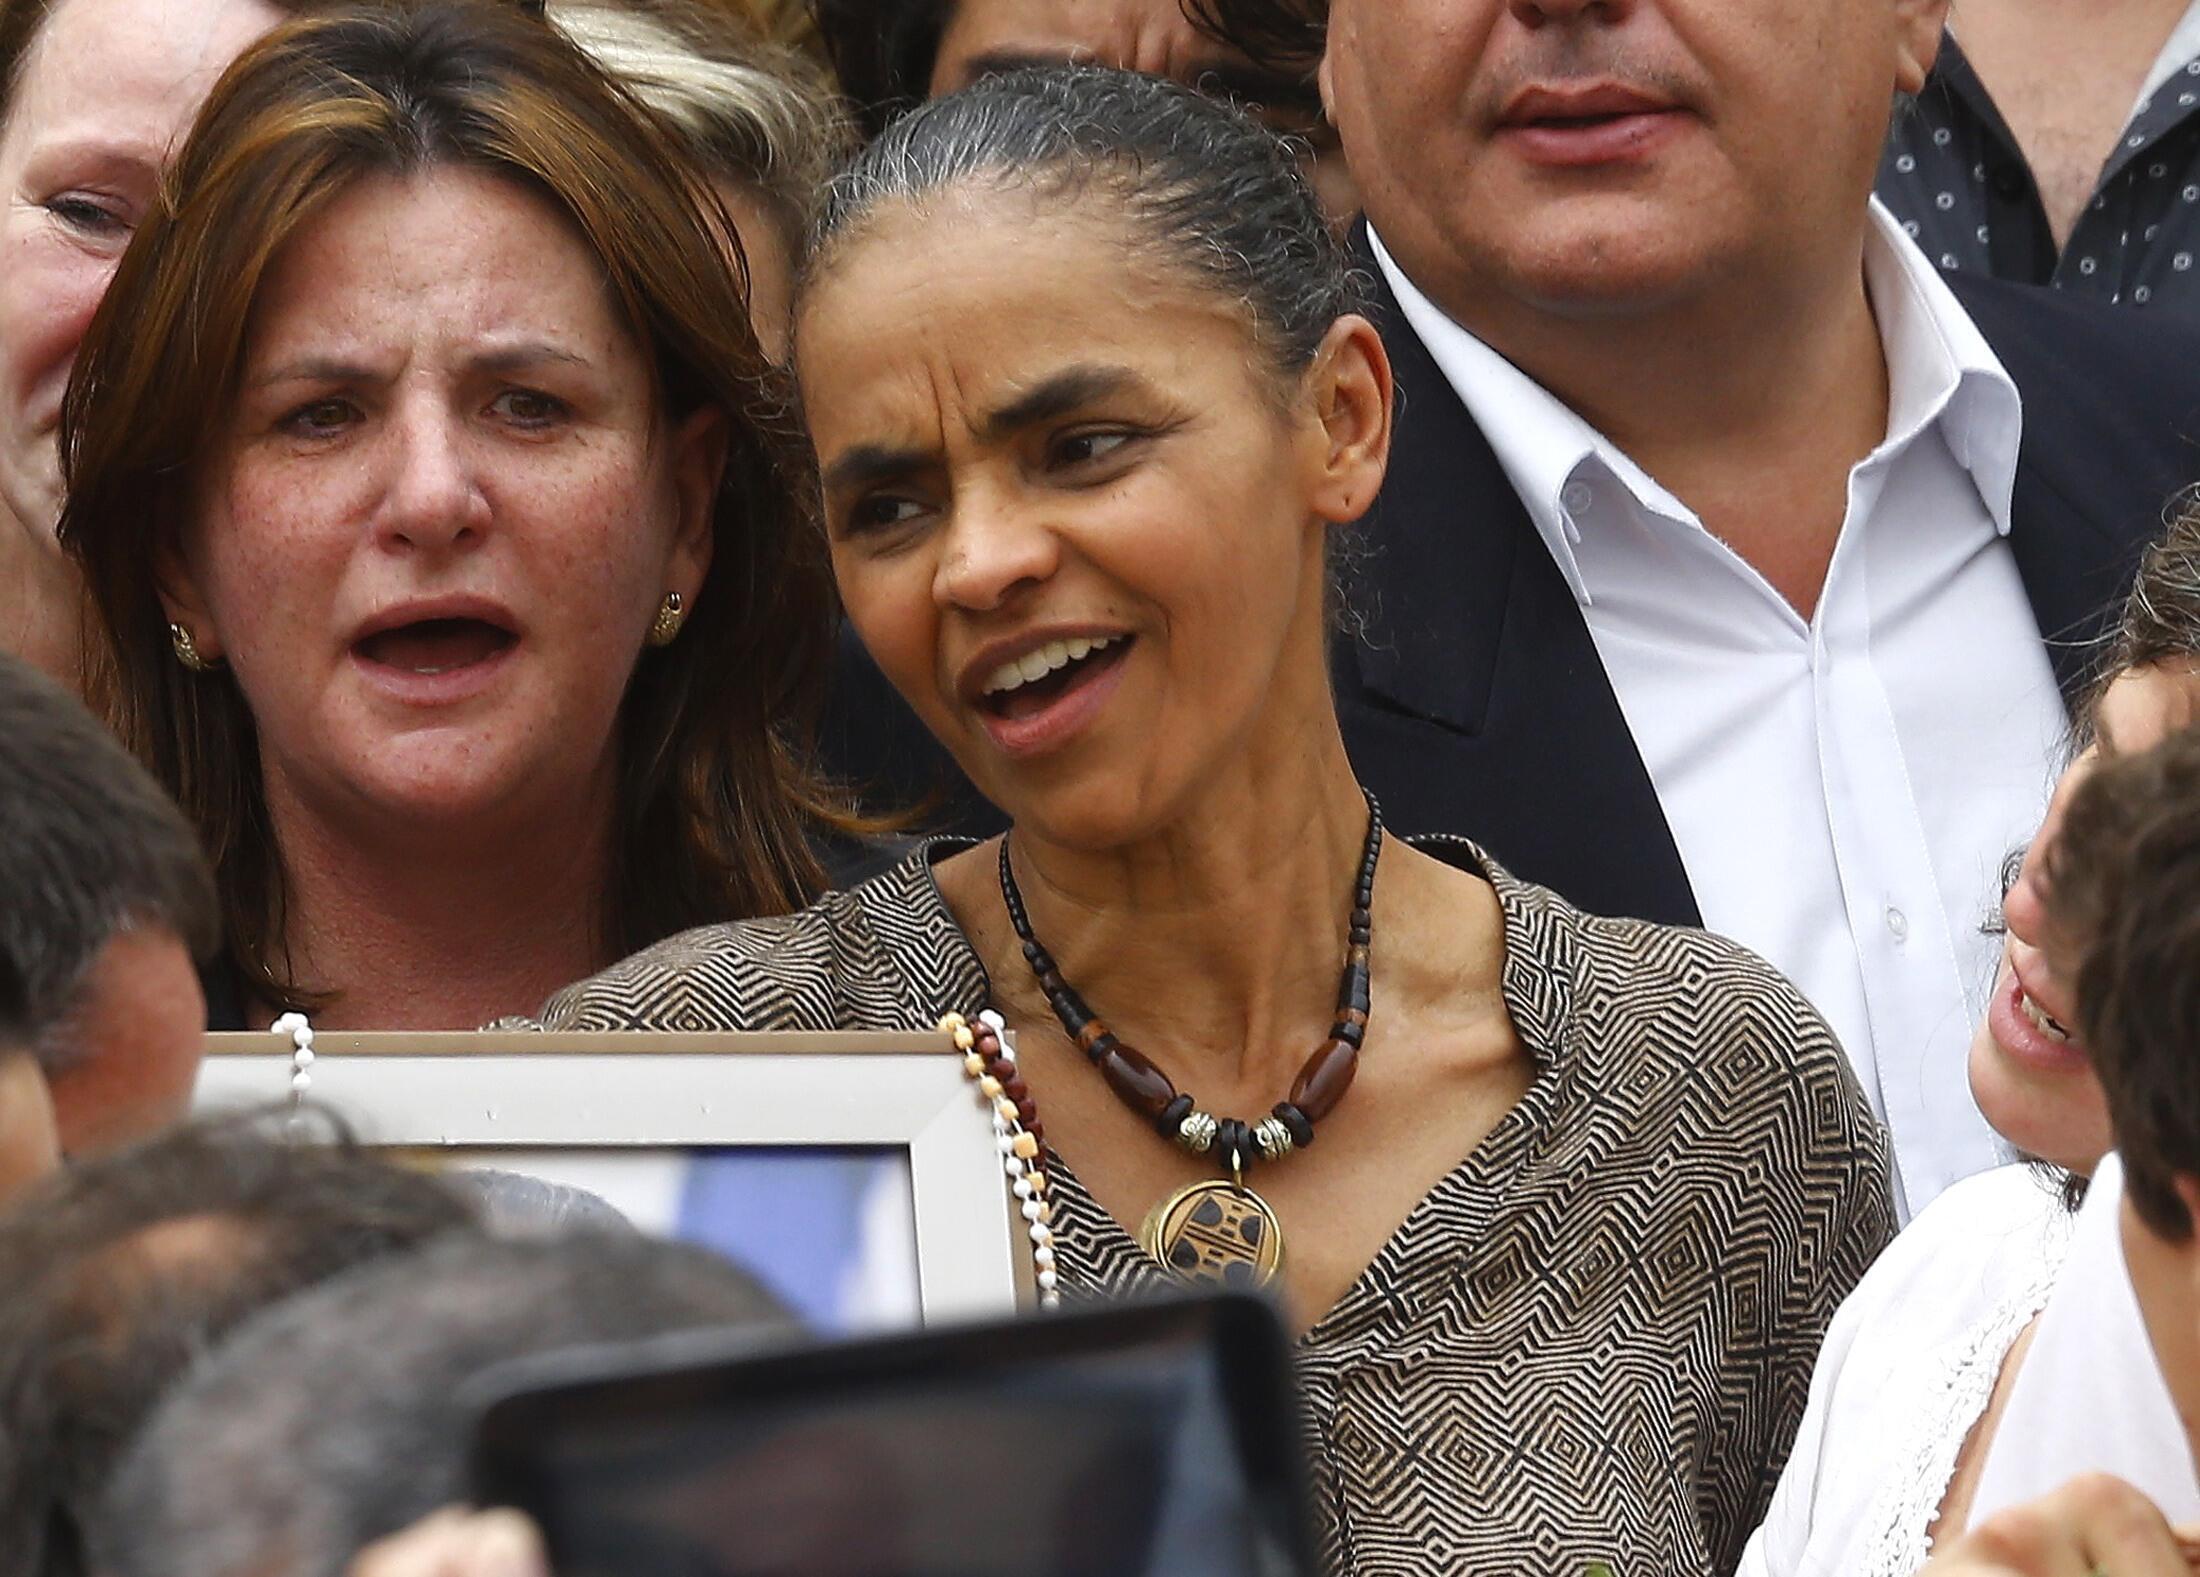 Marina Silva (C) durante el entierro de Eduardo Campos en el Palacio de Gobierno de Recife, el 17 de agosto de 2014.